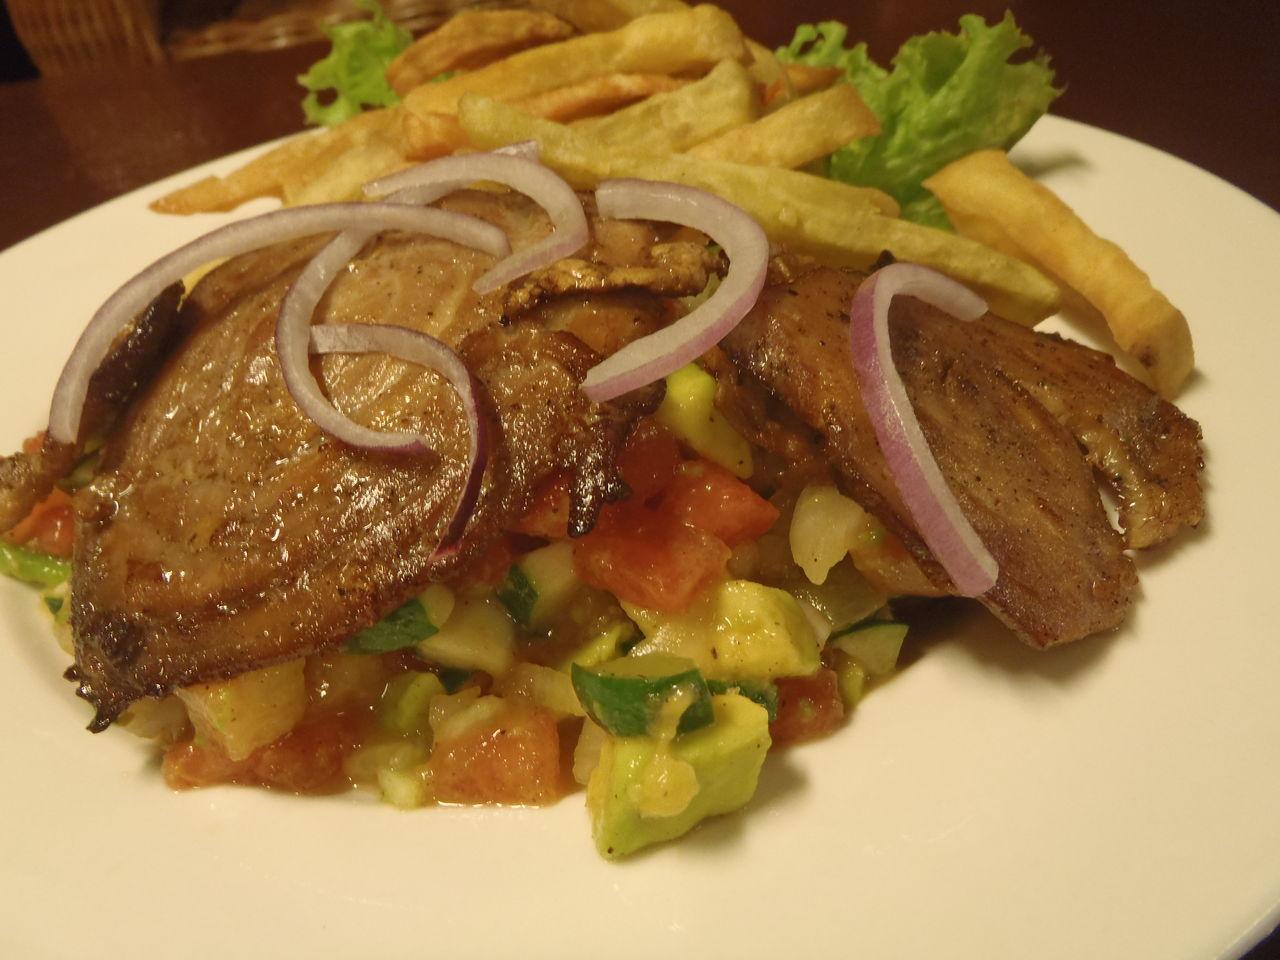 ドゥマゲテのオーガニックカフェのオーガニックなカフェ飯